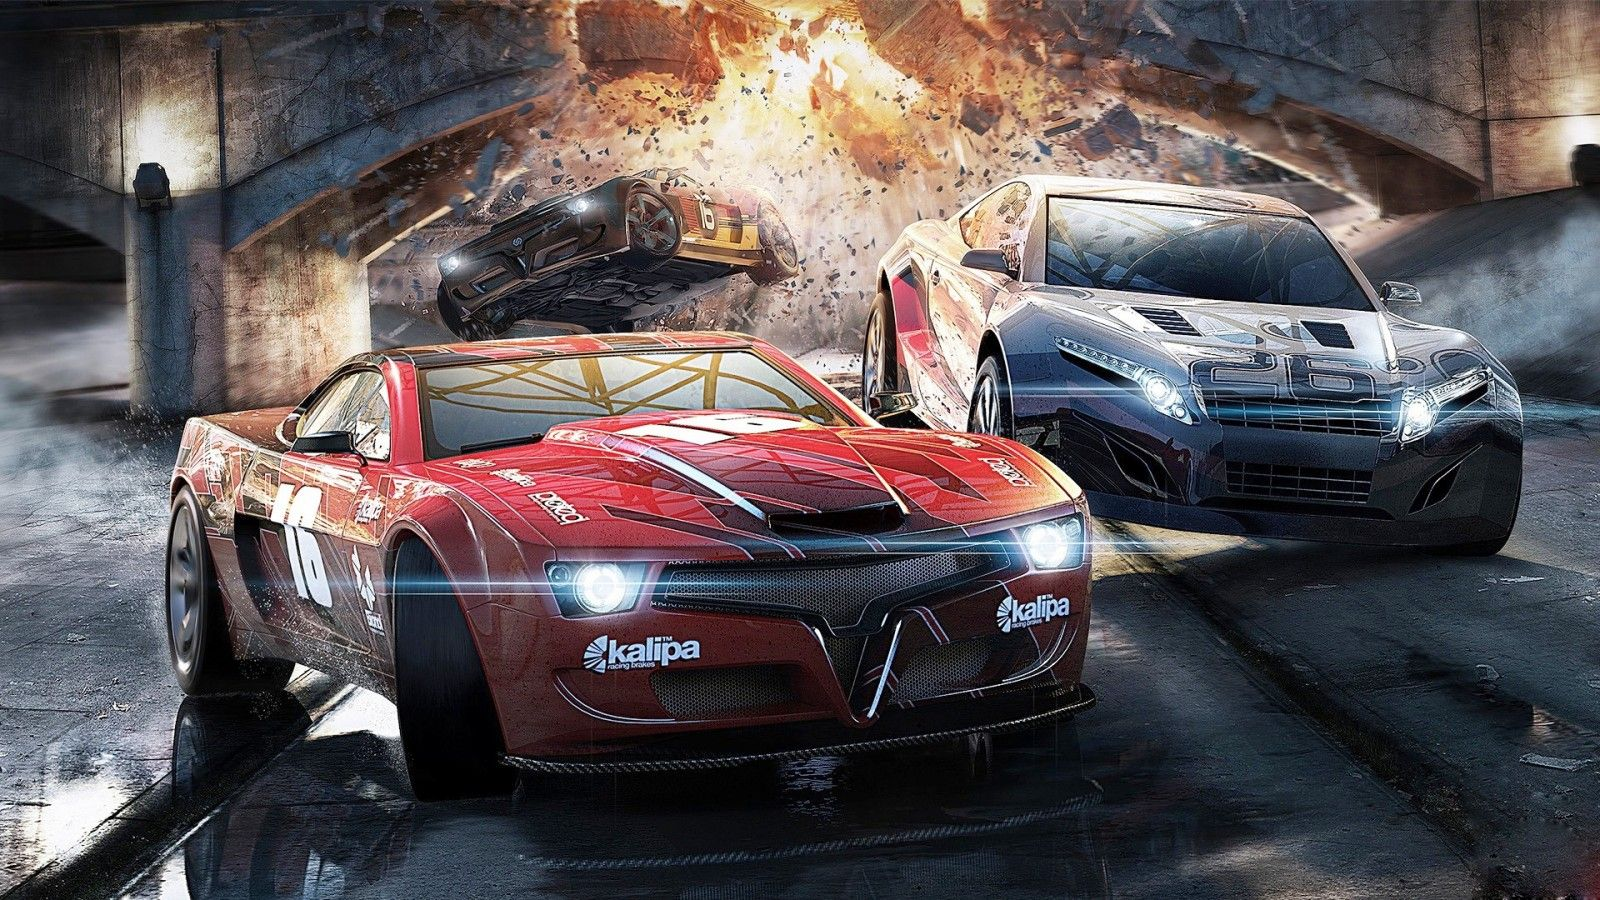 Sports Car Wallpaper Sports Car Wallpaper Sports Car Car Wallpapers